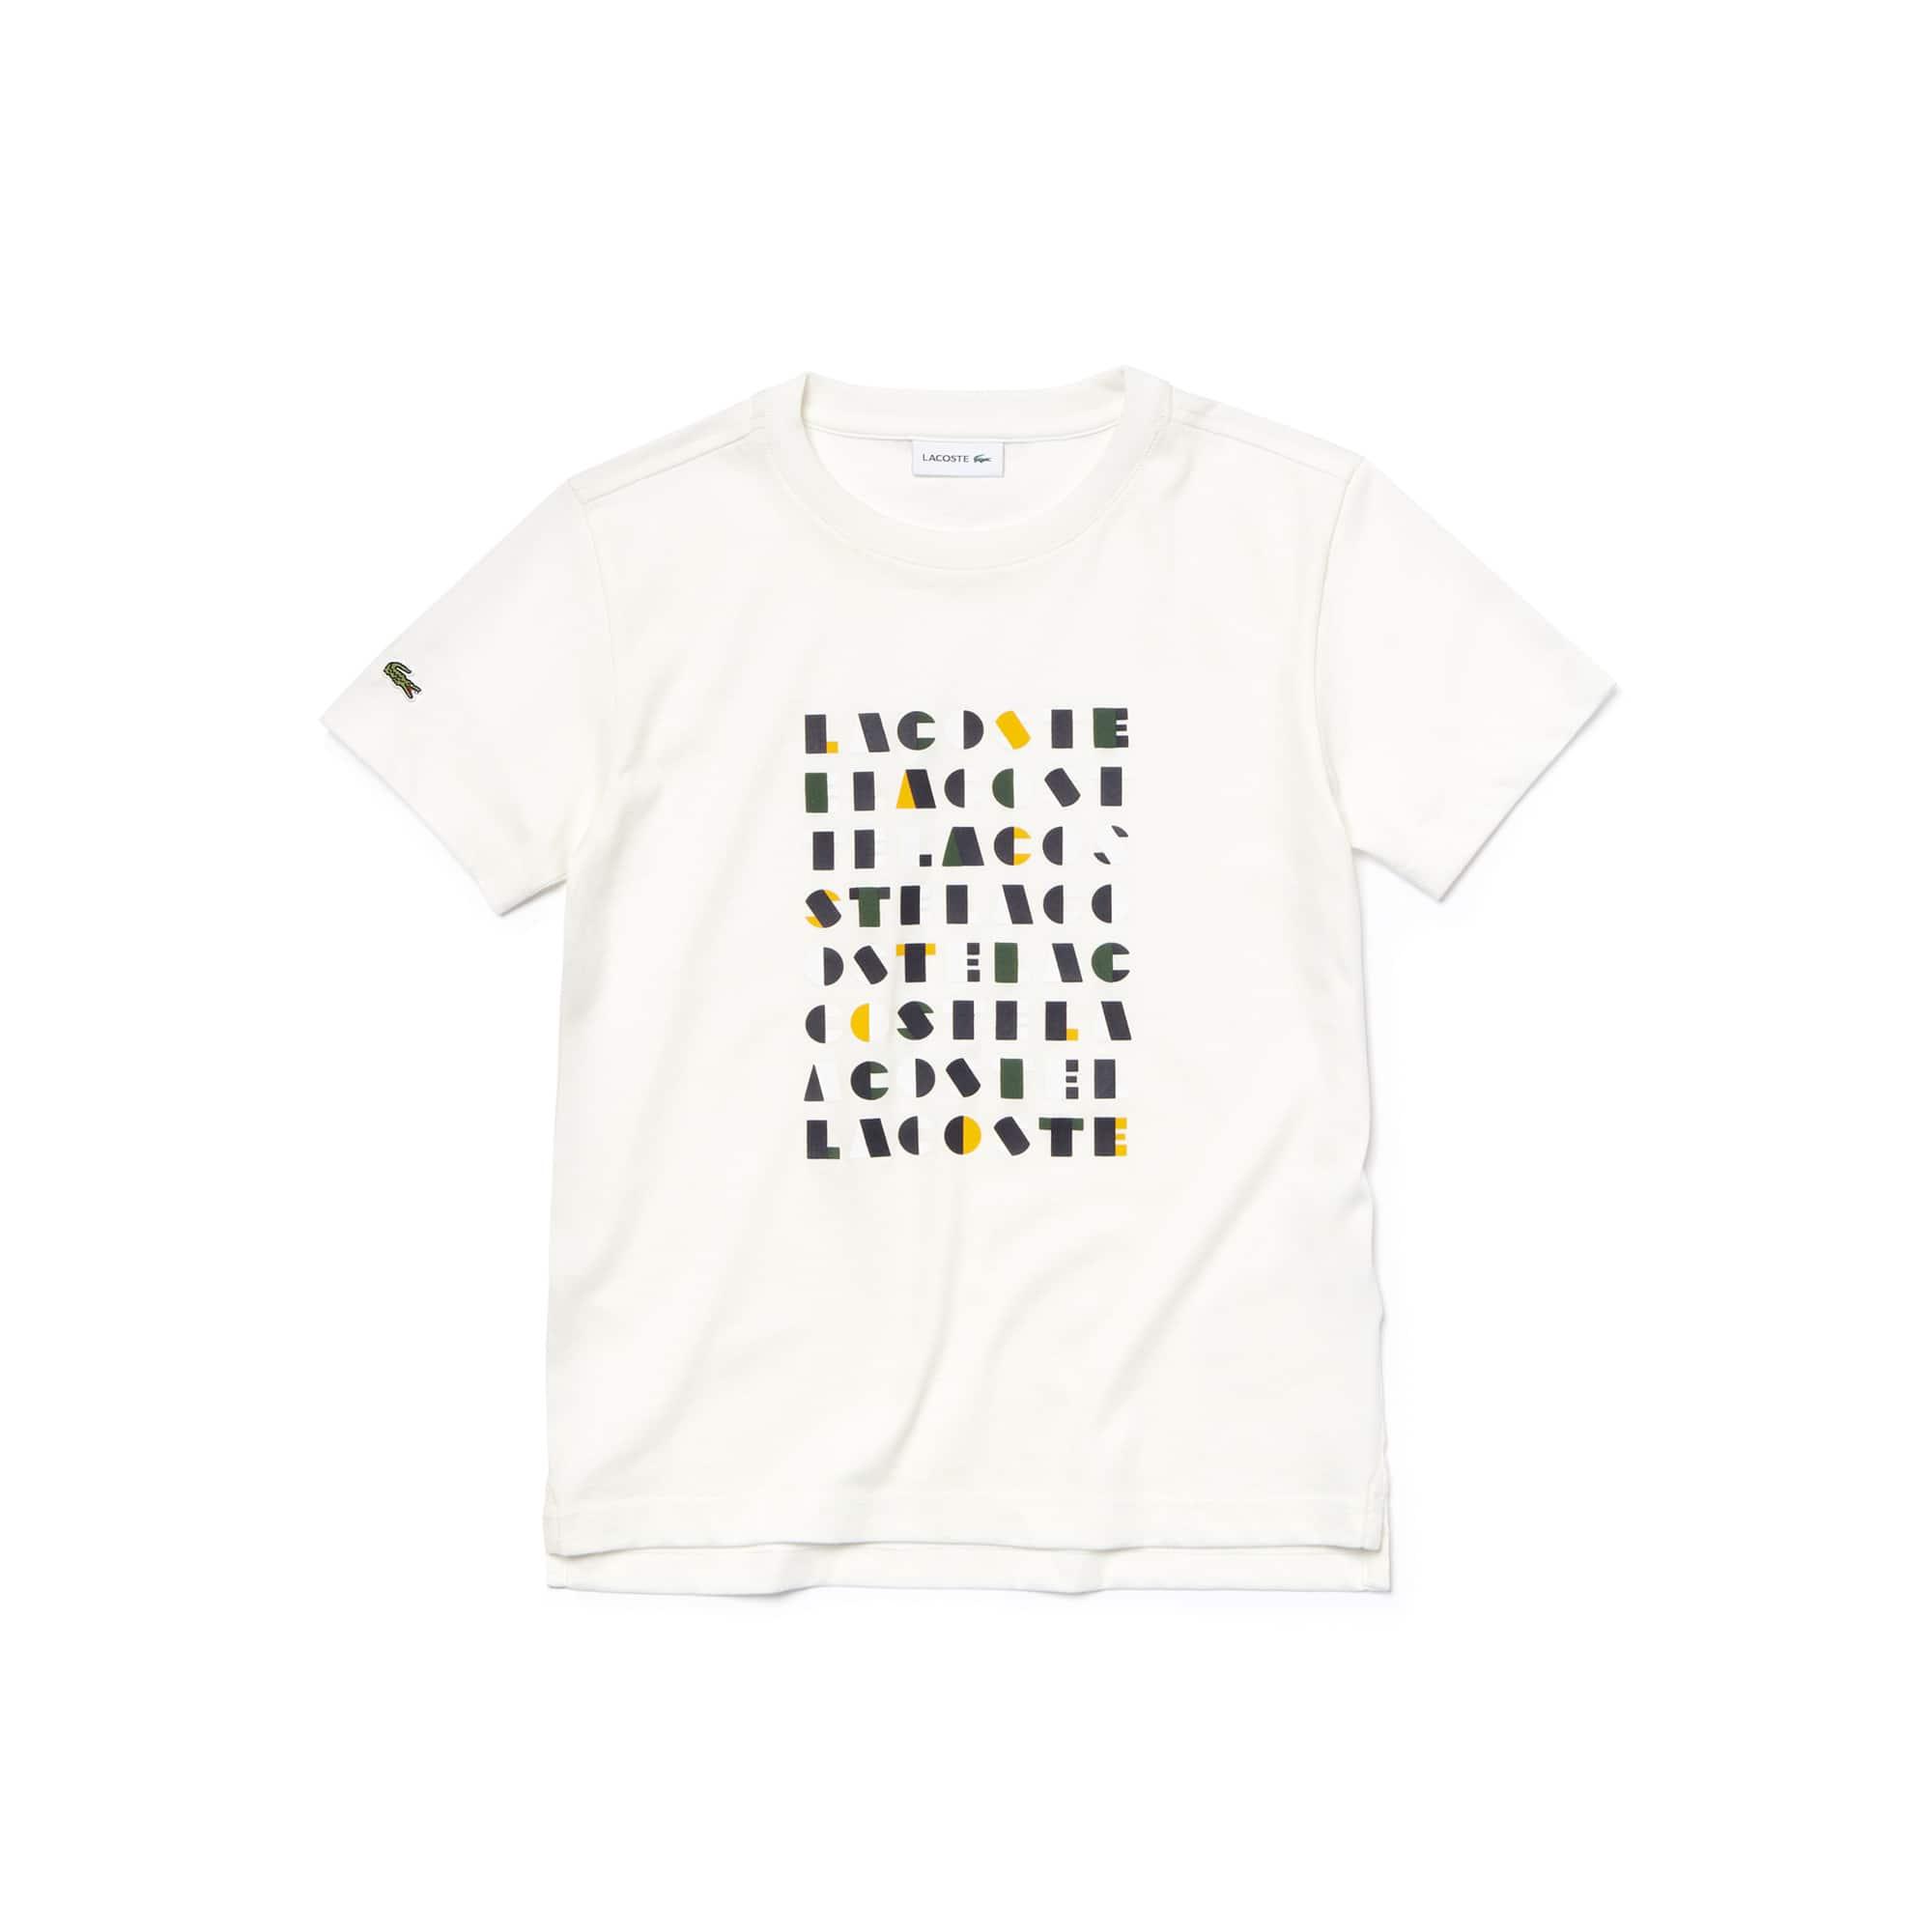 Camiseta De Niño En Tejido De Punto De Algodón Con Inscripción Lacoste Gráfica Y Cuello Redondo